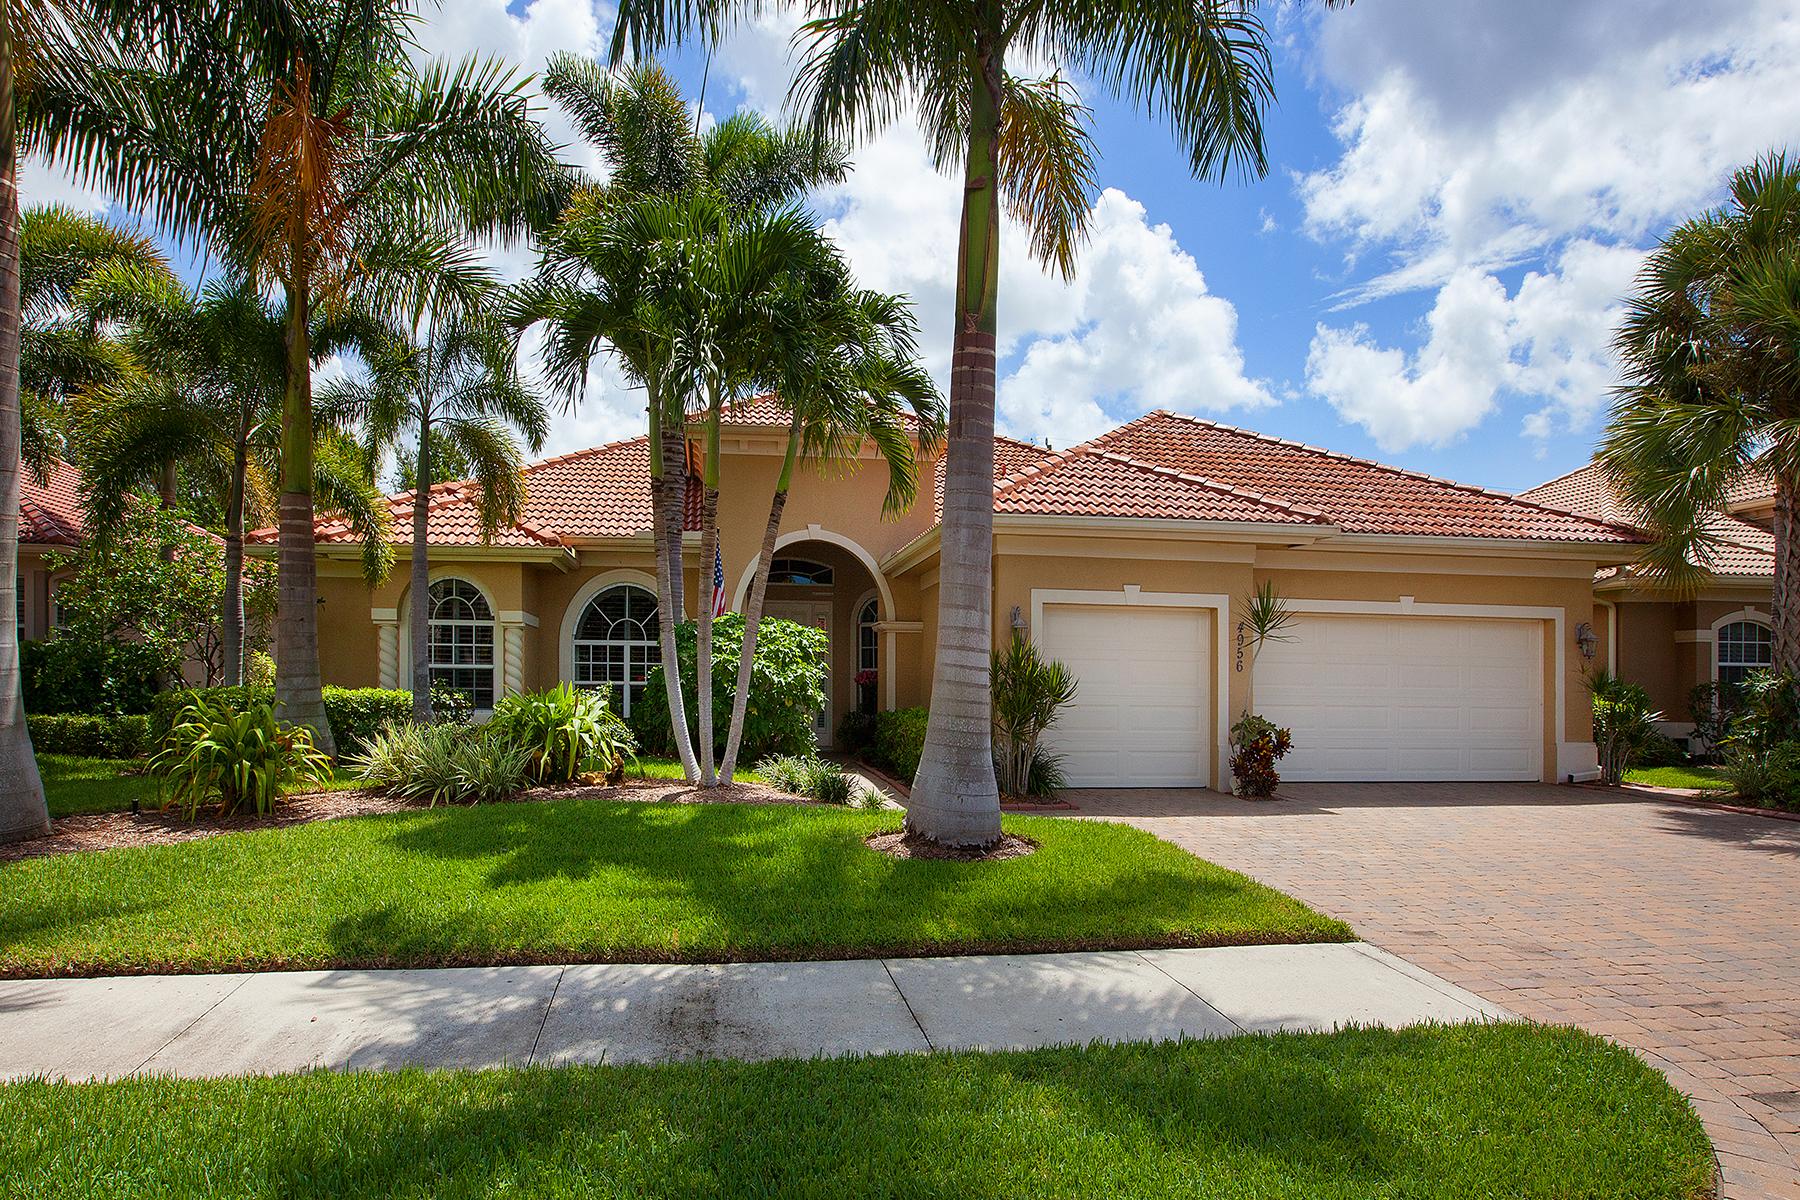 Частный односемейный дом для того Продажа на 4956 Rustic Oaks Cir , Naples, FL 34105 4956 Rustic Oaks Cir Naples, Флорида 34105 Соединенные Штаты